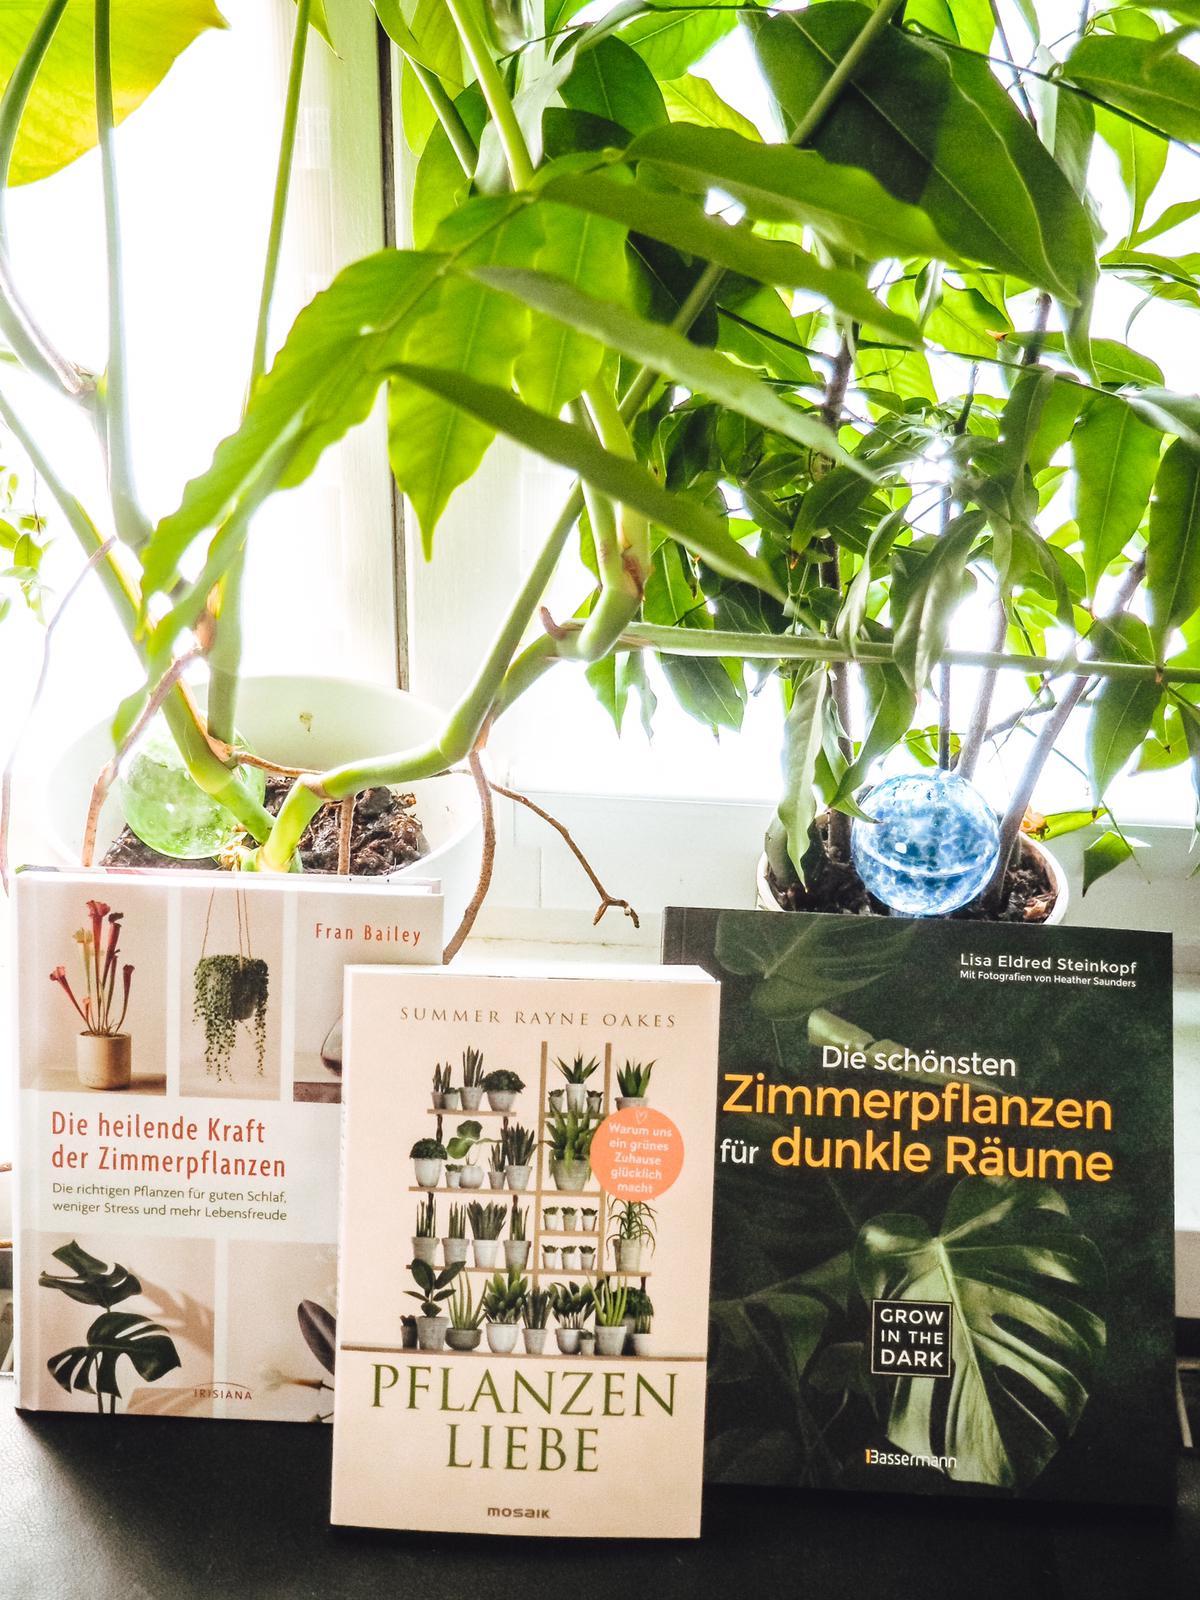 Buchtipps für Pflanzenfreunde - informative Ratgeber